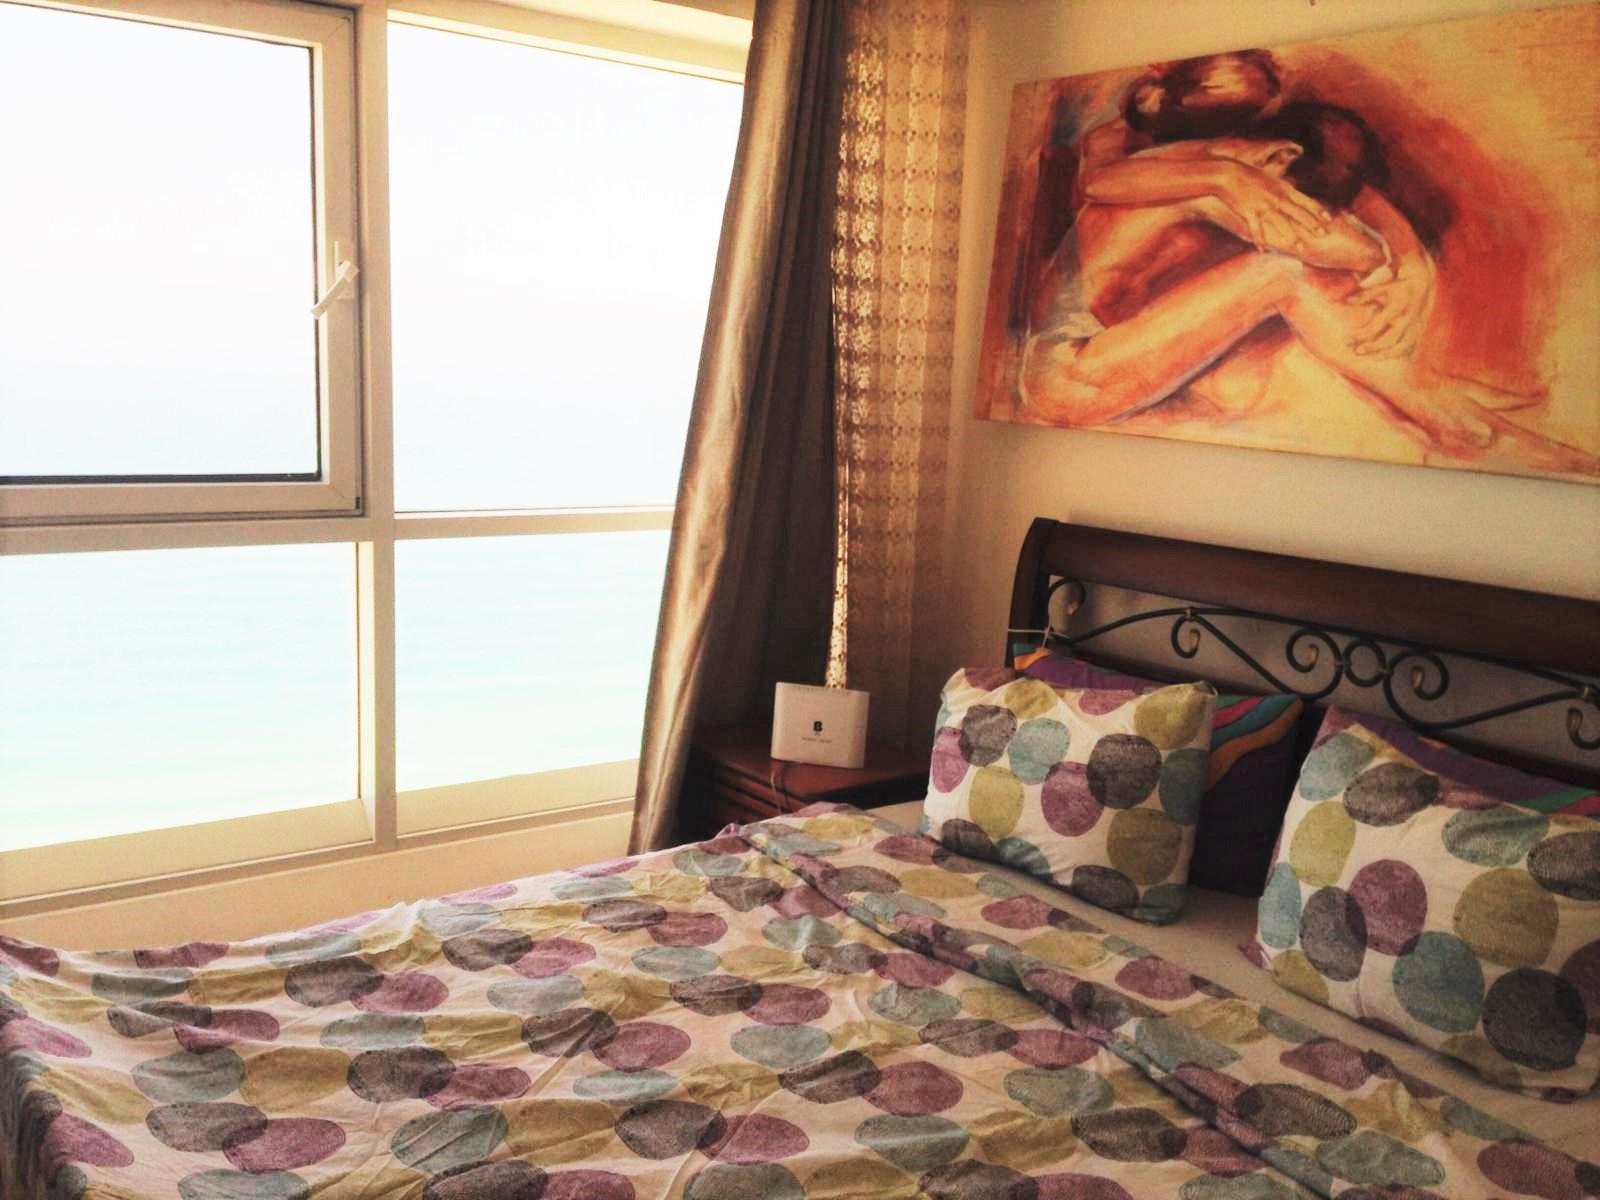 בת ים דירה להשכרה 2 חדרים 5,300₪ בחודש, בת ים